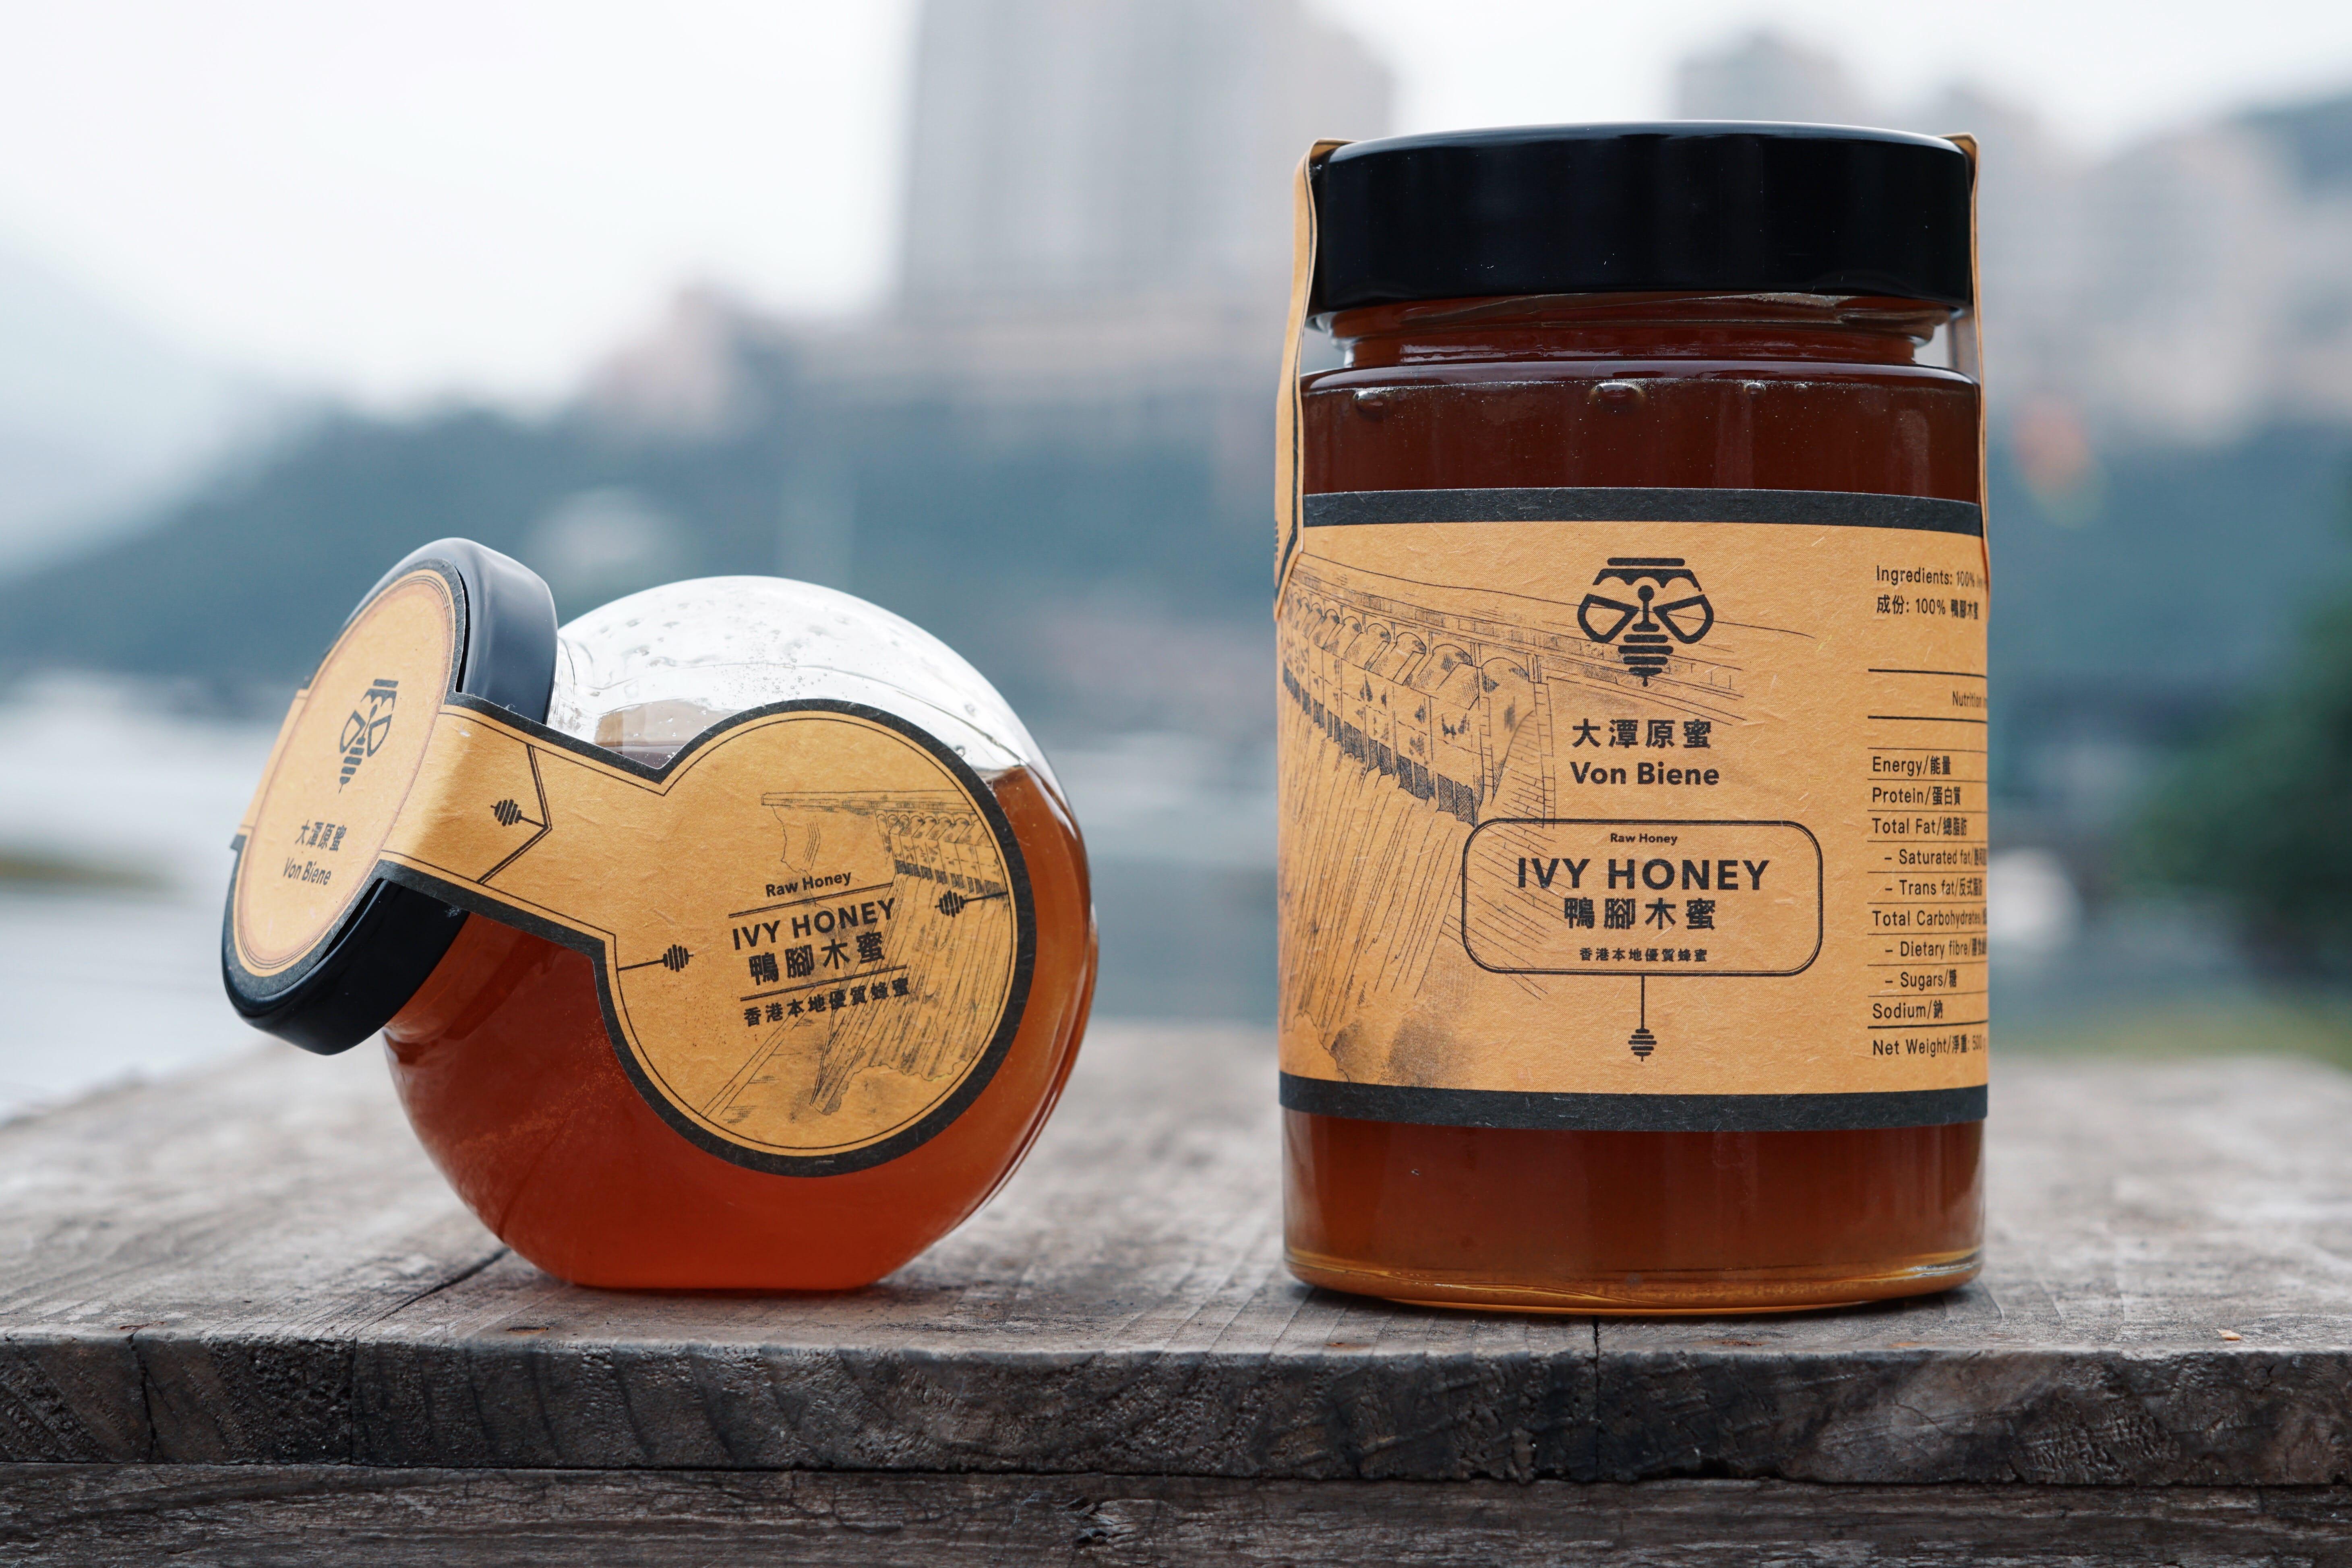 香港蜜糖, hk honey